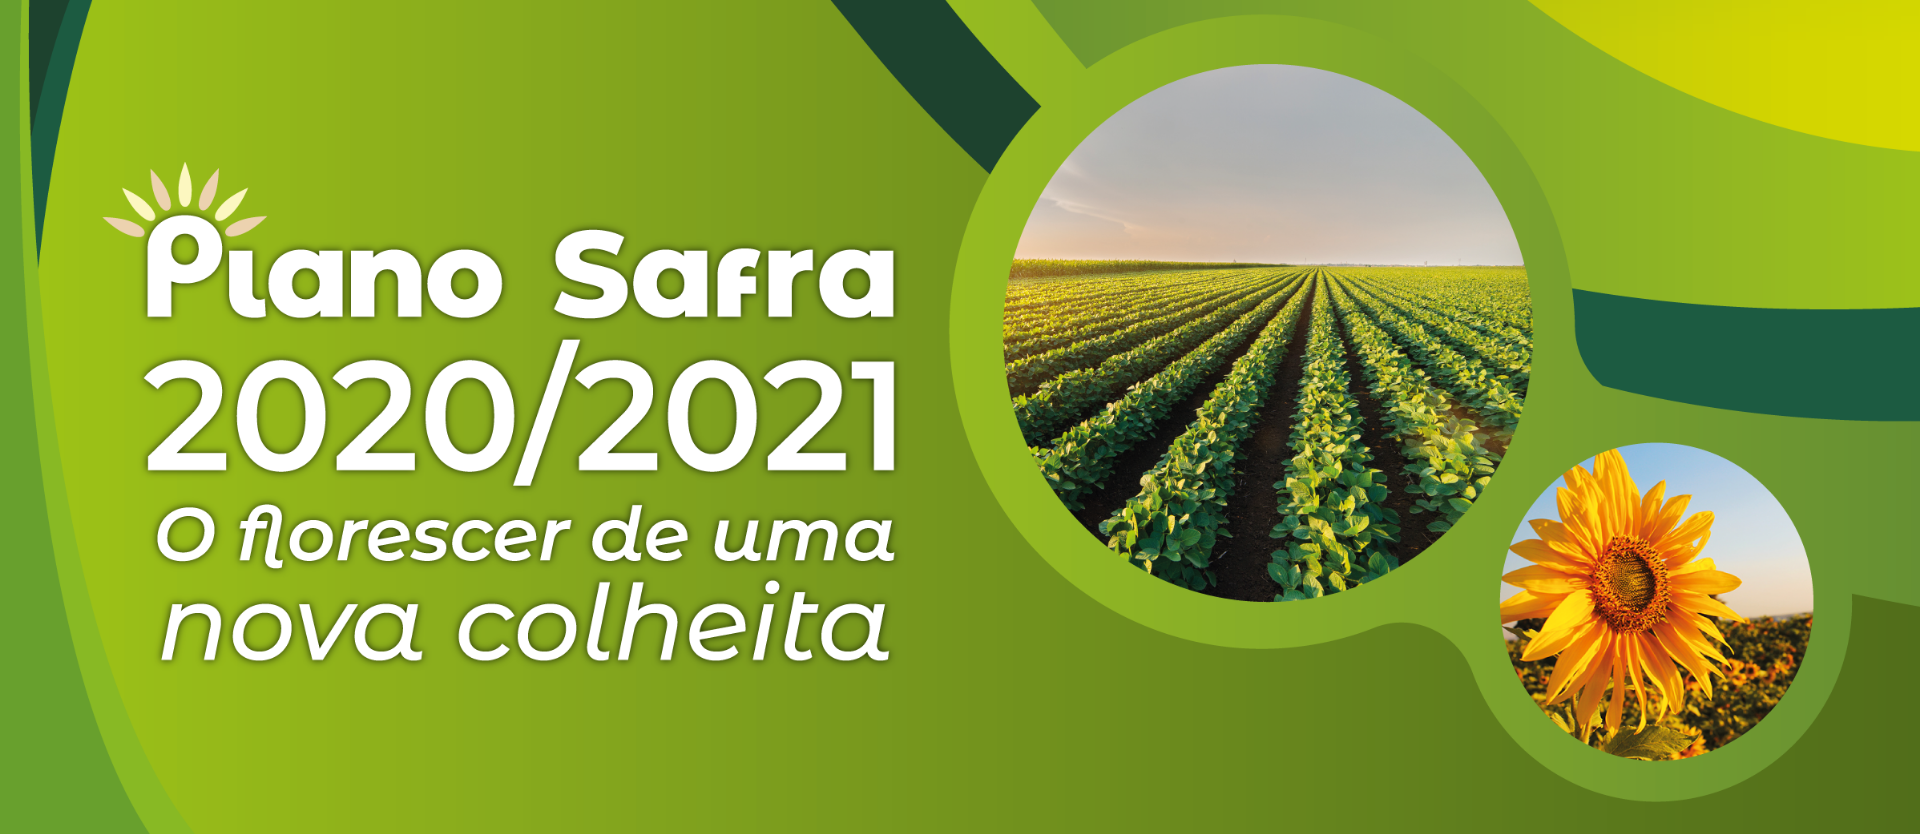 Plano Safra 2020 - 2021